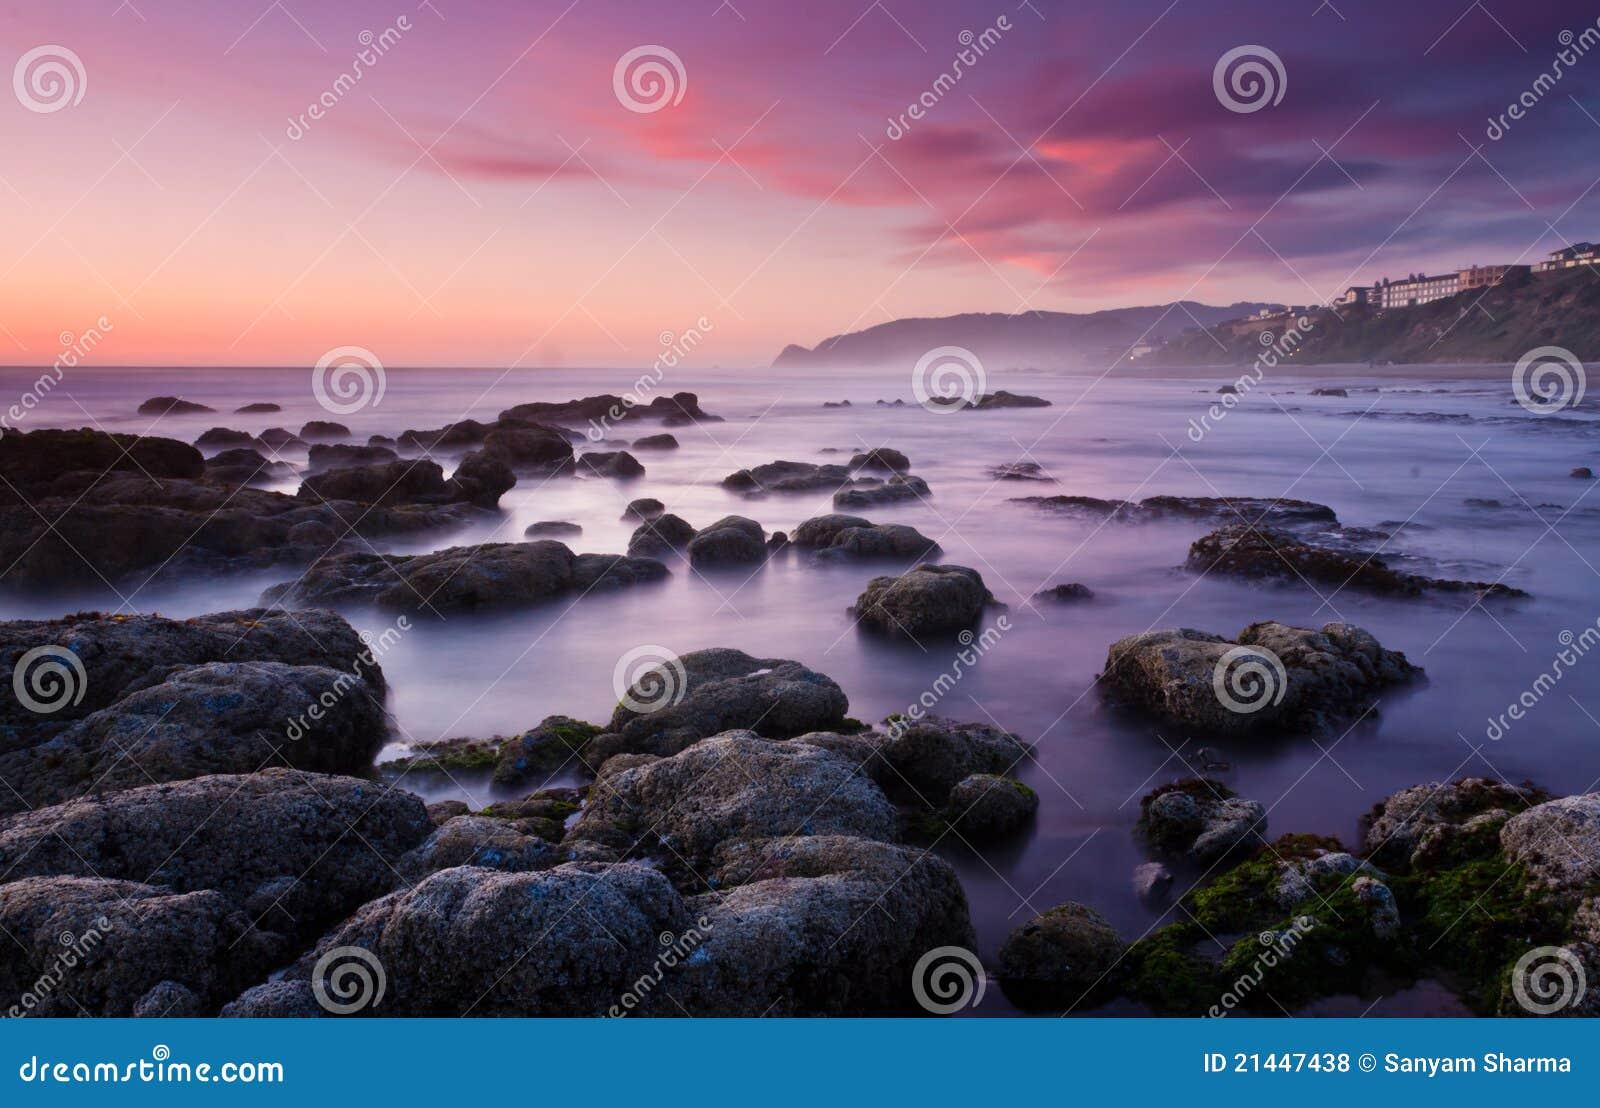 Praia sonhadora lisa no por do sol